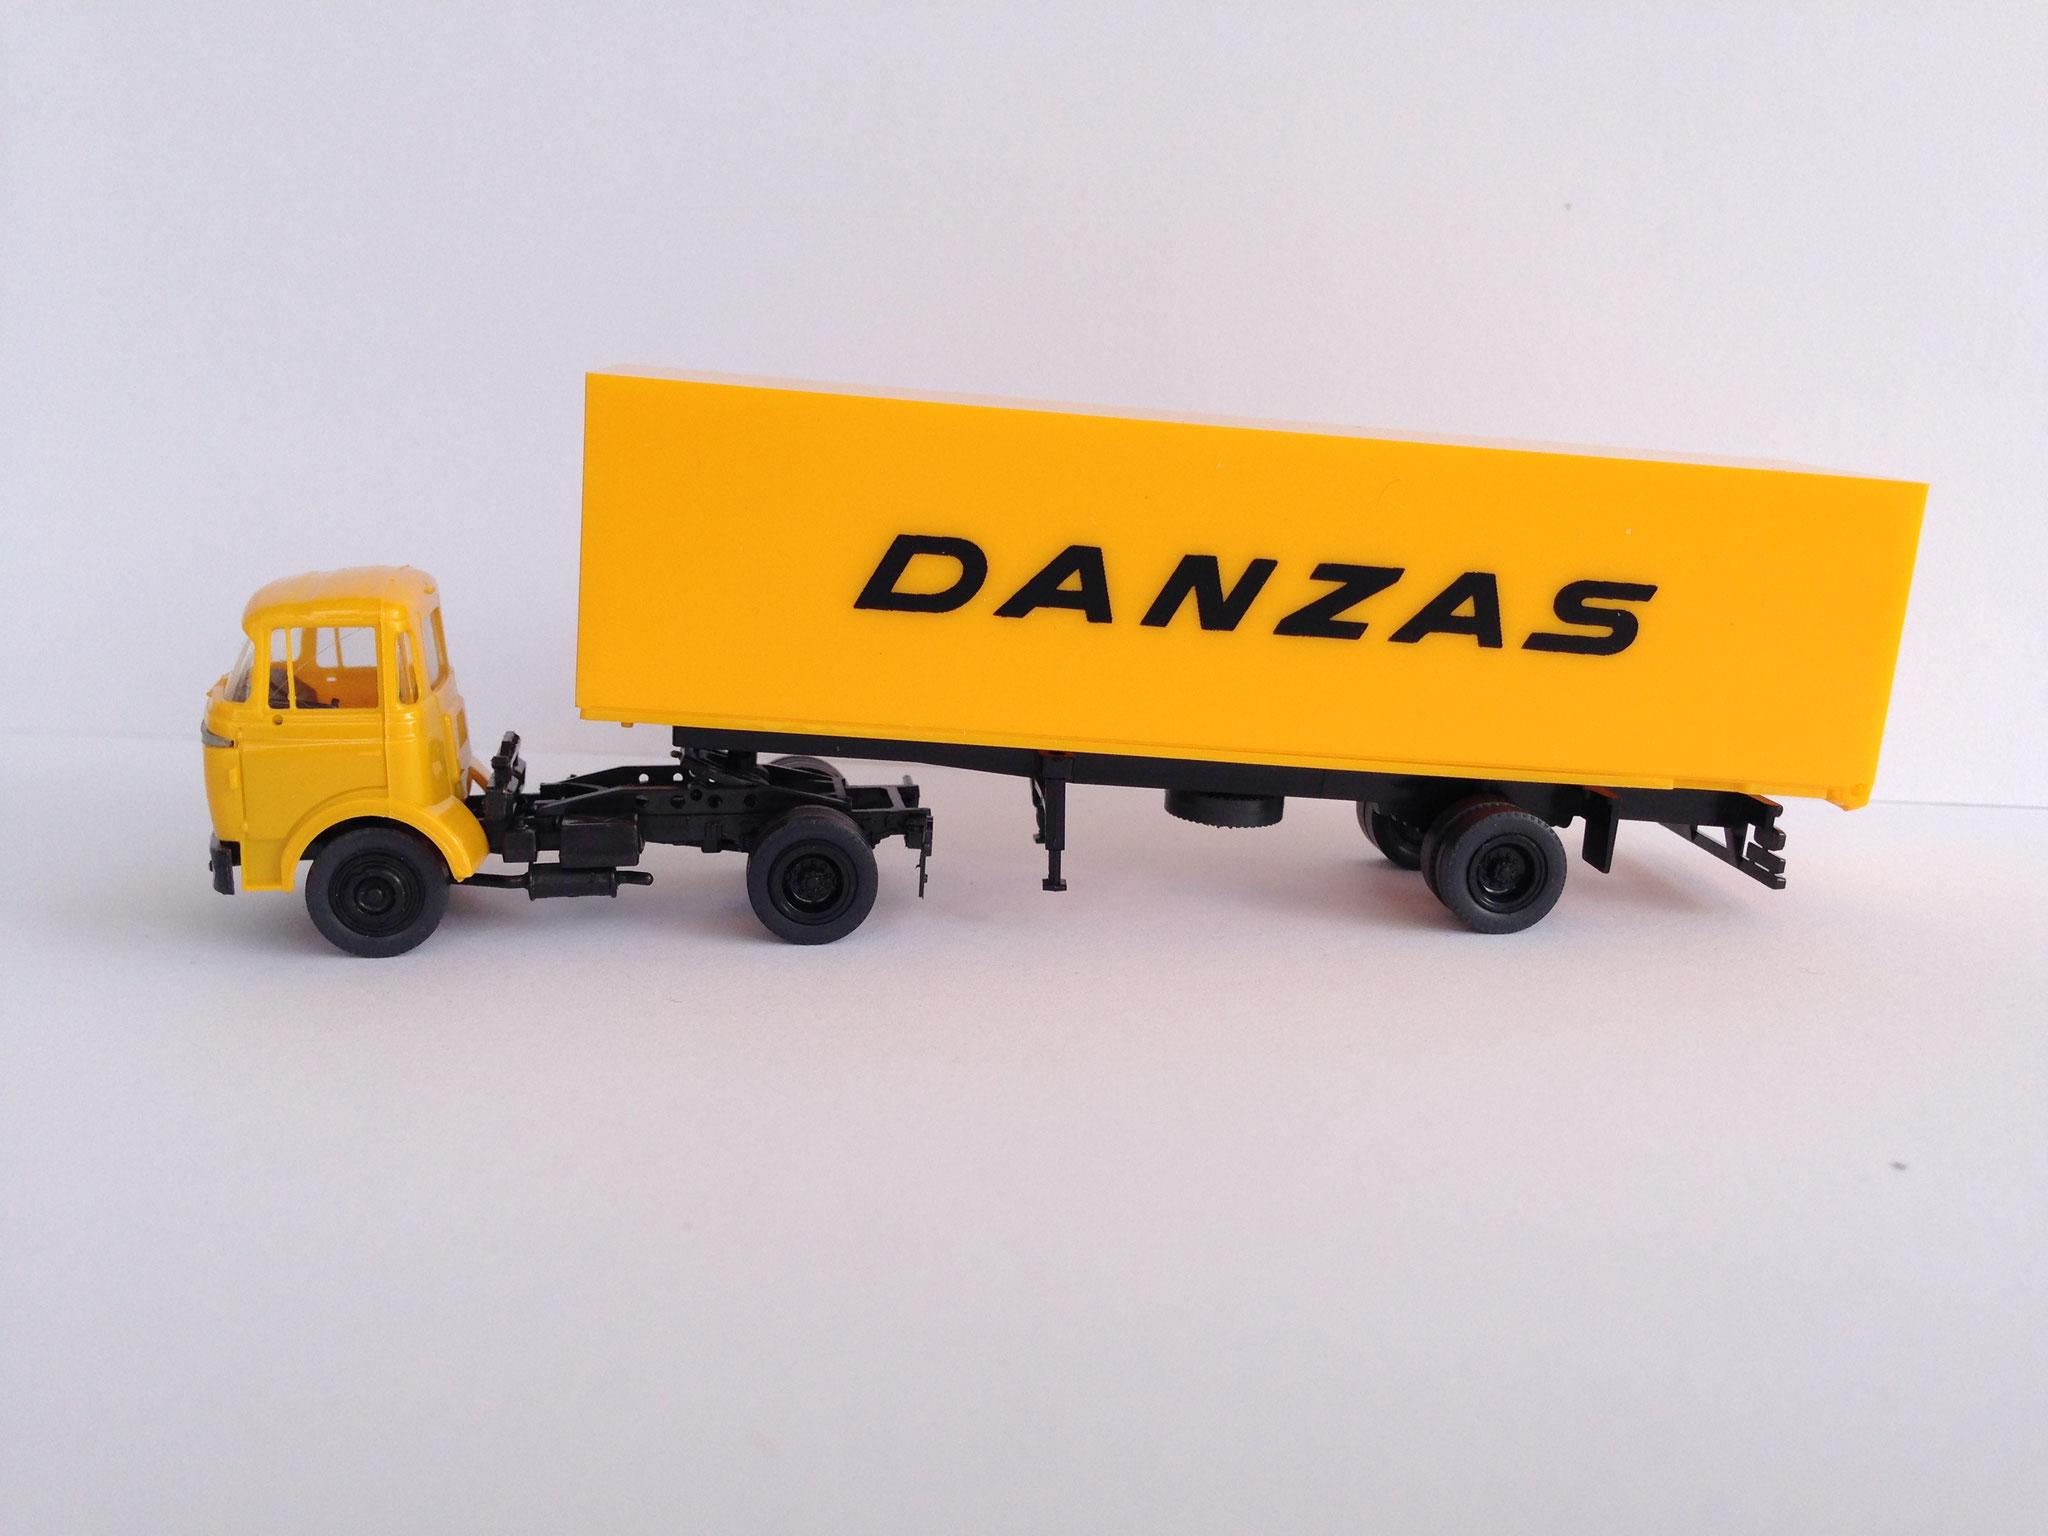 Danzas Sattelzug mit 1-Achs-Auflieger, Kasten, Art. Nr. 473 (ab 1987 im Programm)